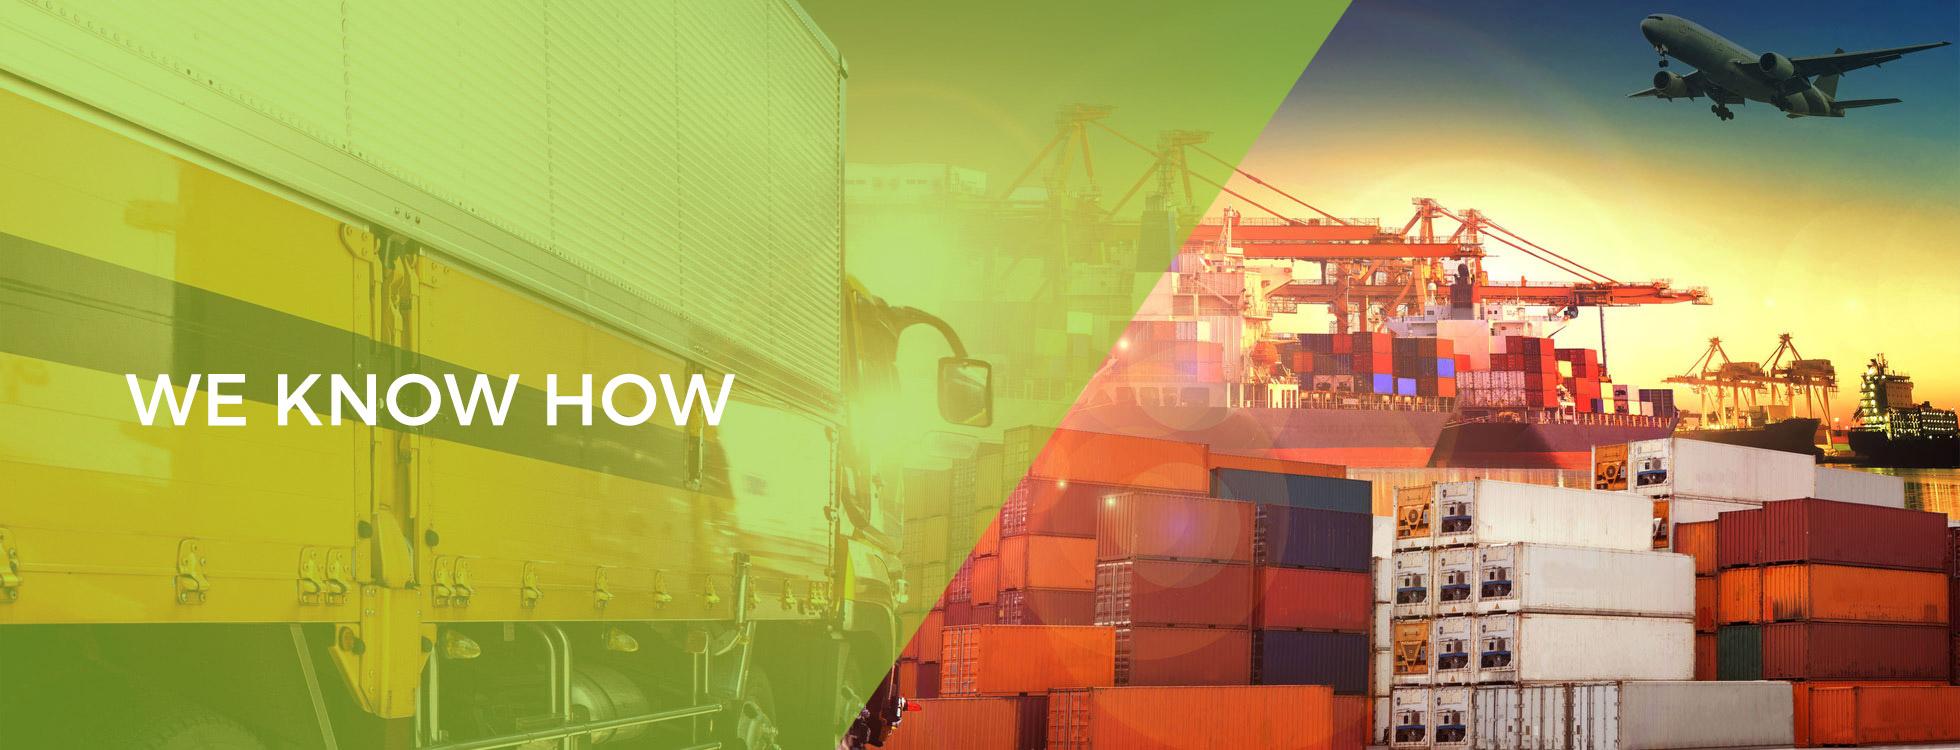 banner1-logistica-exportacion-importacion2